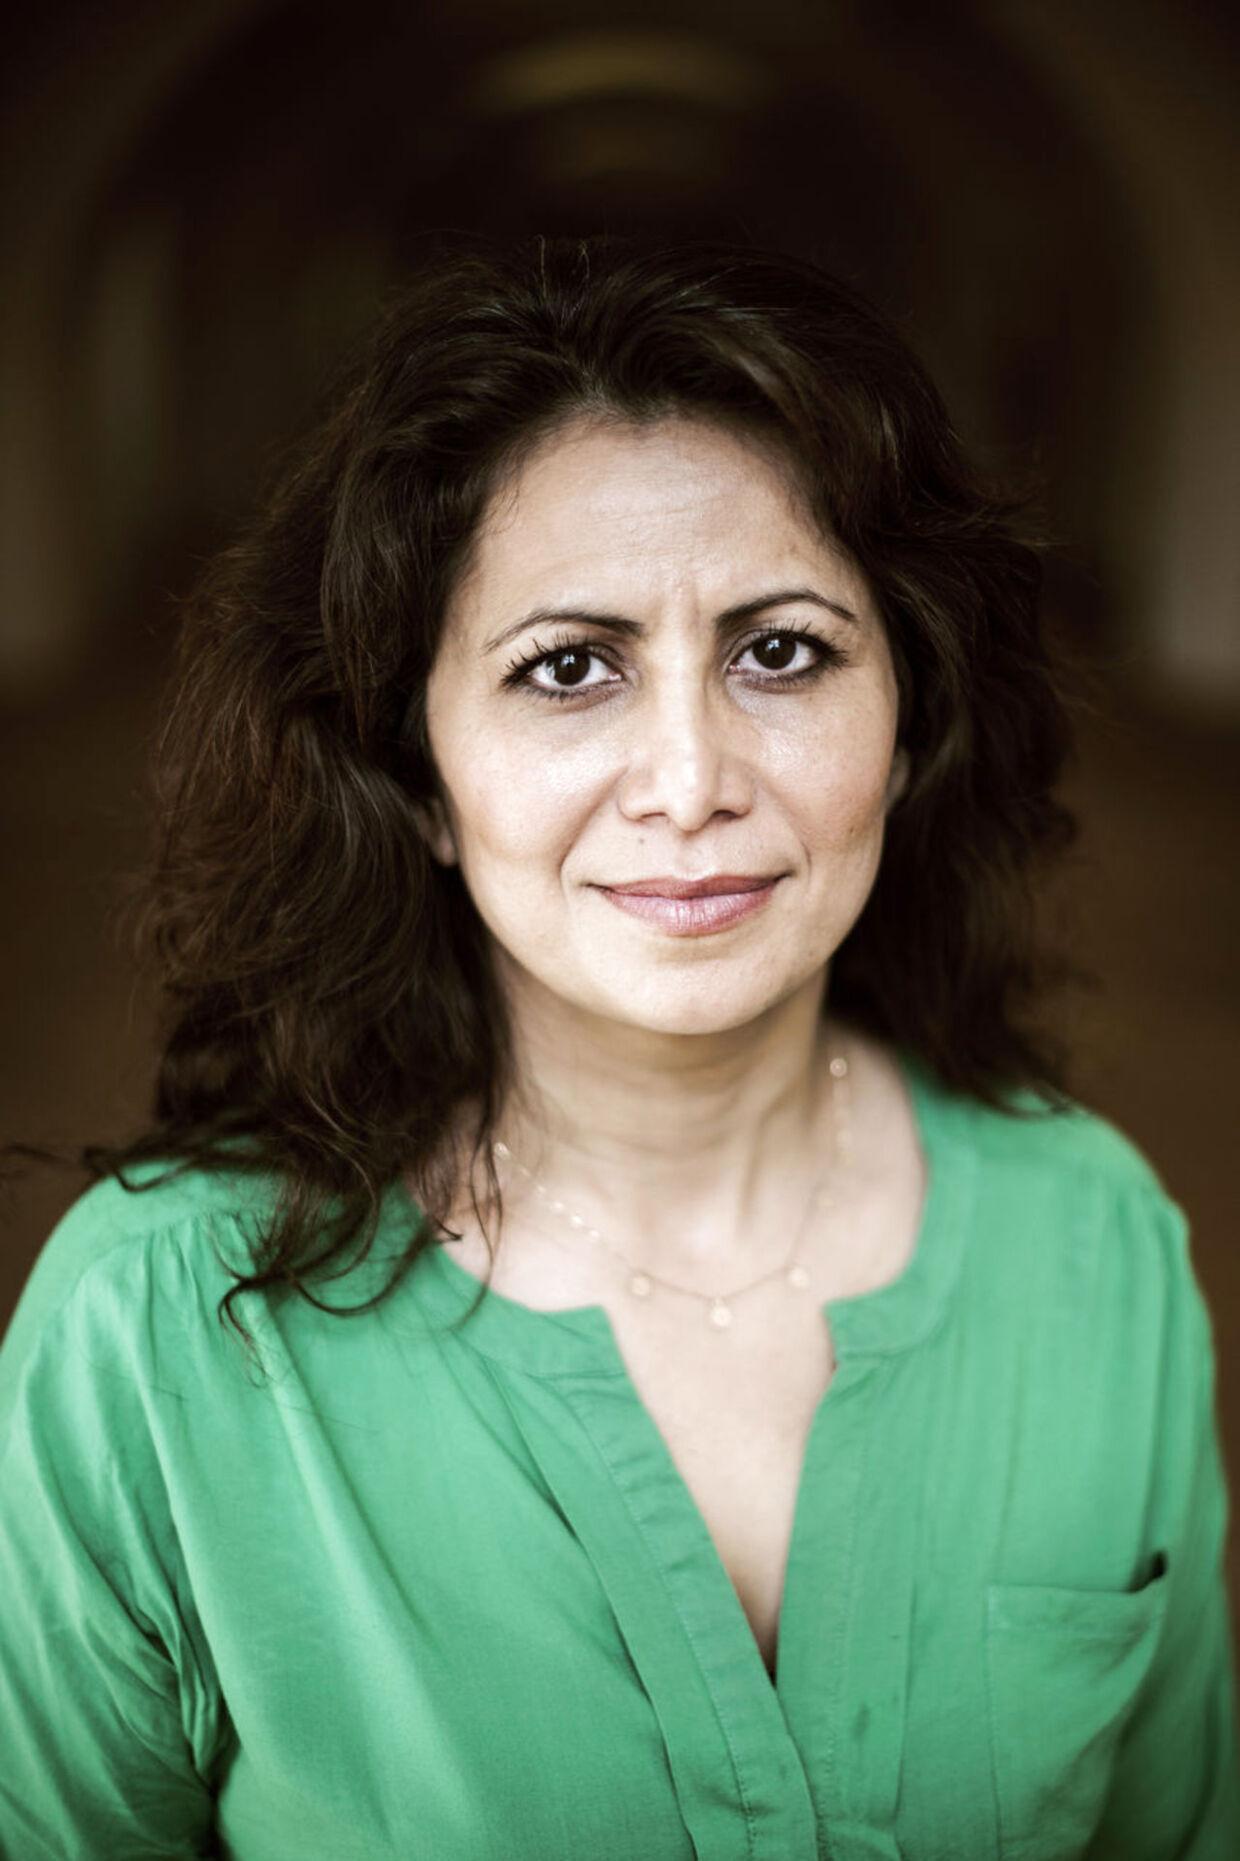 SF's sundheds- og psykiatriordfører Özlem Cekic har flere gange gjort sig bemærket i den offentlige debat, siden hun i 2007 blev valgt ind i Folketinget. Mange husker sikkert, da hun i 2011 præsenterede den anonyme bistandsklient 'Carina', der skulle agere eksempel på en fattig.